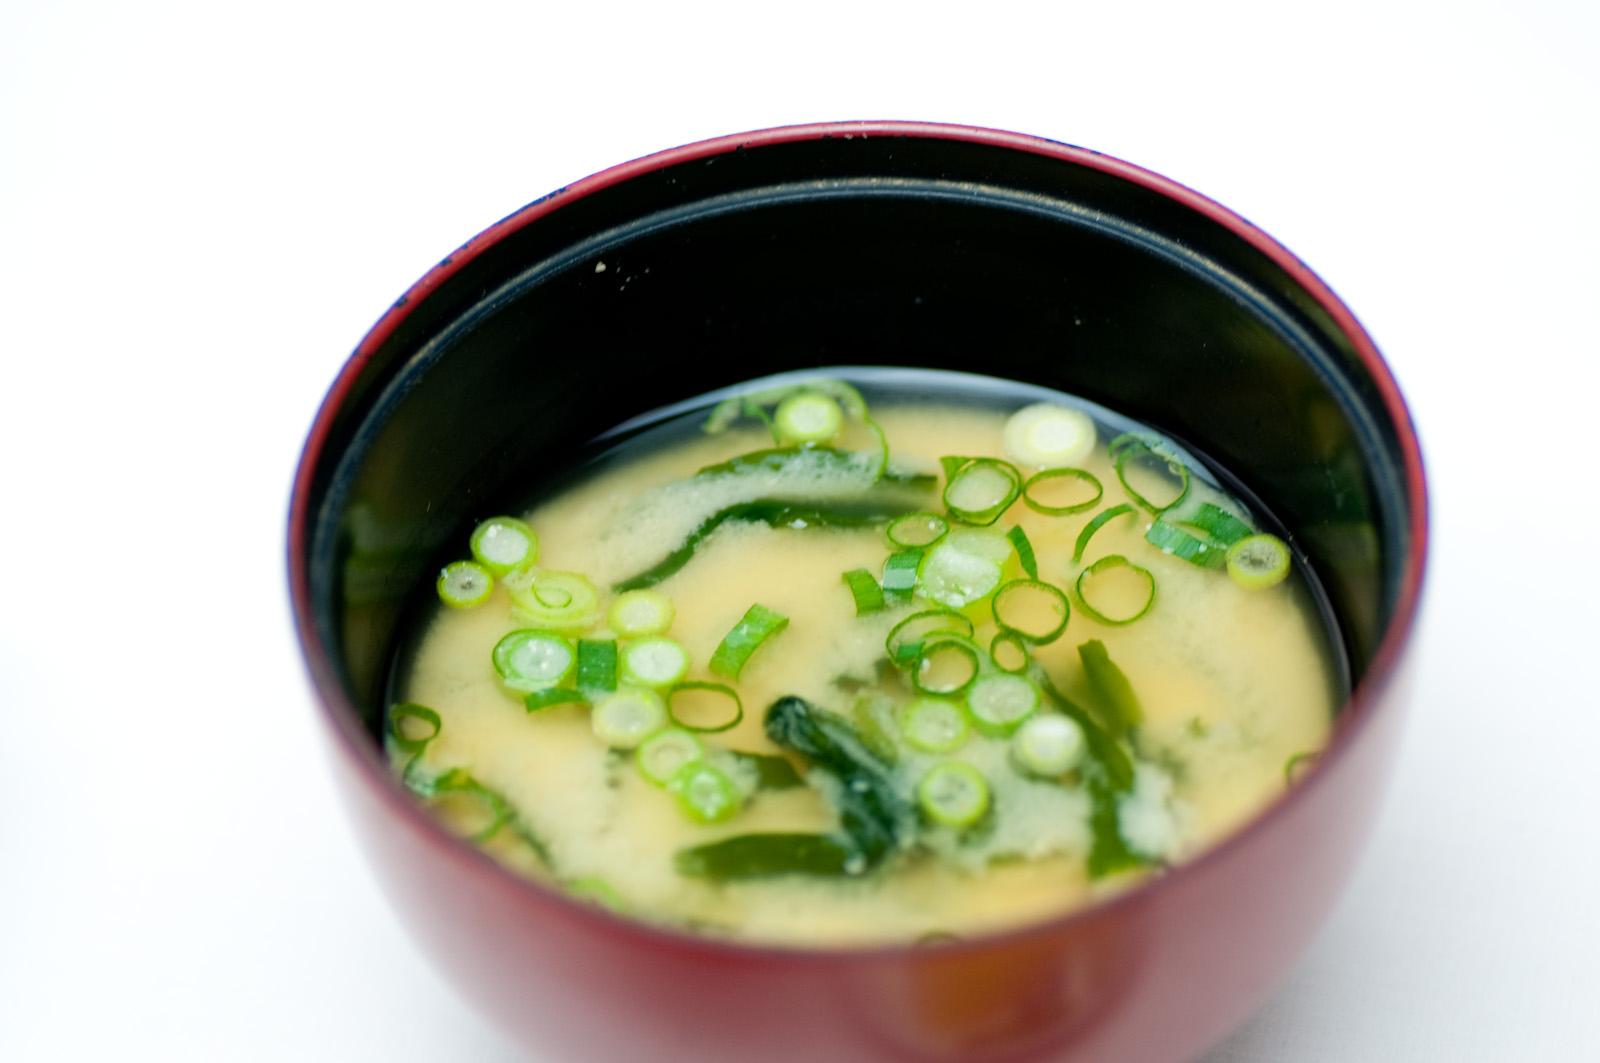 基本的なお味噌汁の作り方(豆腐&わかめ)